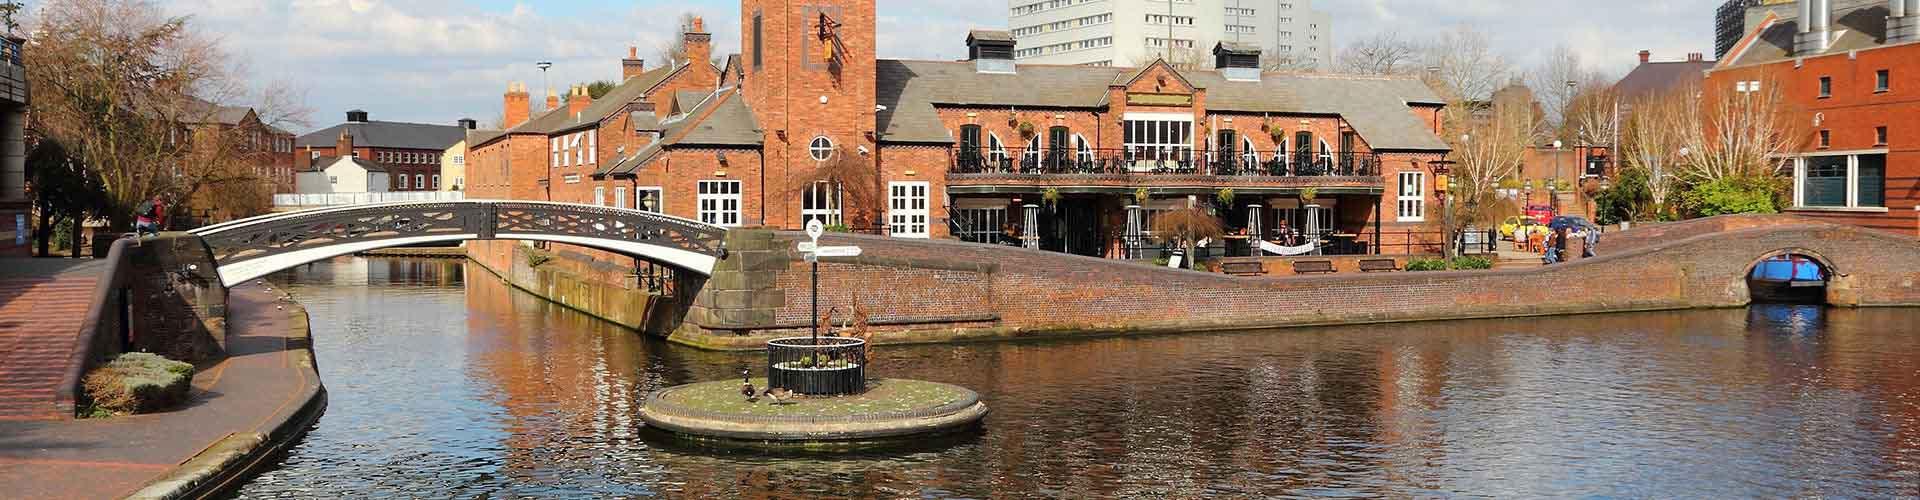 Birmingham - Auberges de jeunesse dans le quartier de Deritend. Cartes pour Birmingham, photos et commentaires pour chaque auberge de jeunesse à Birmingham.